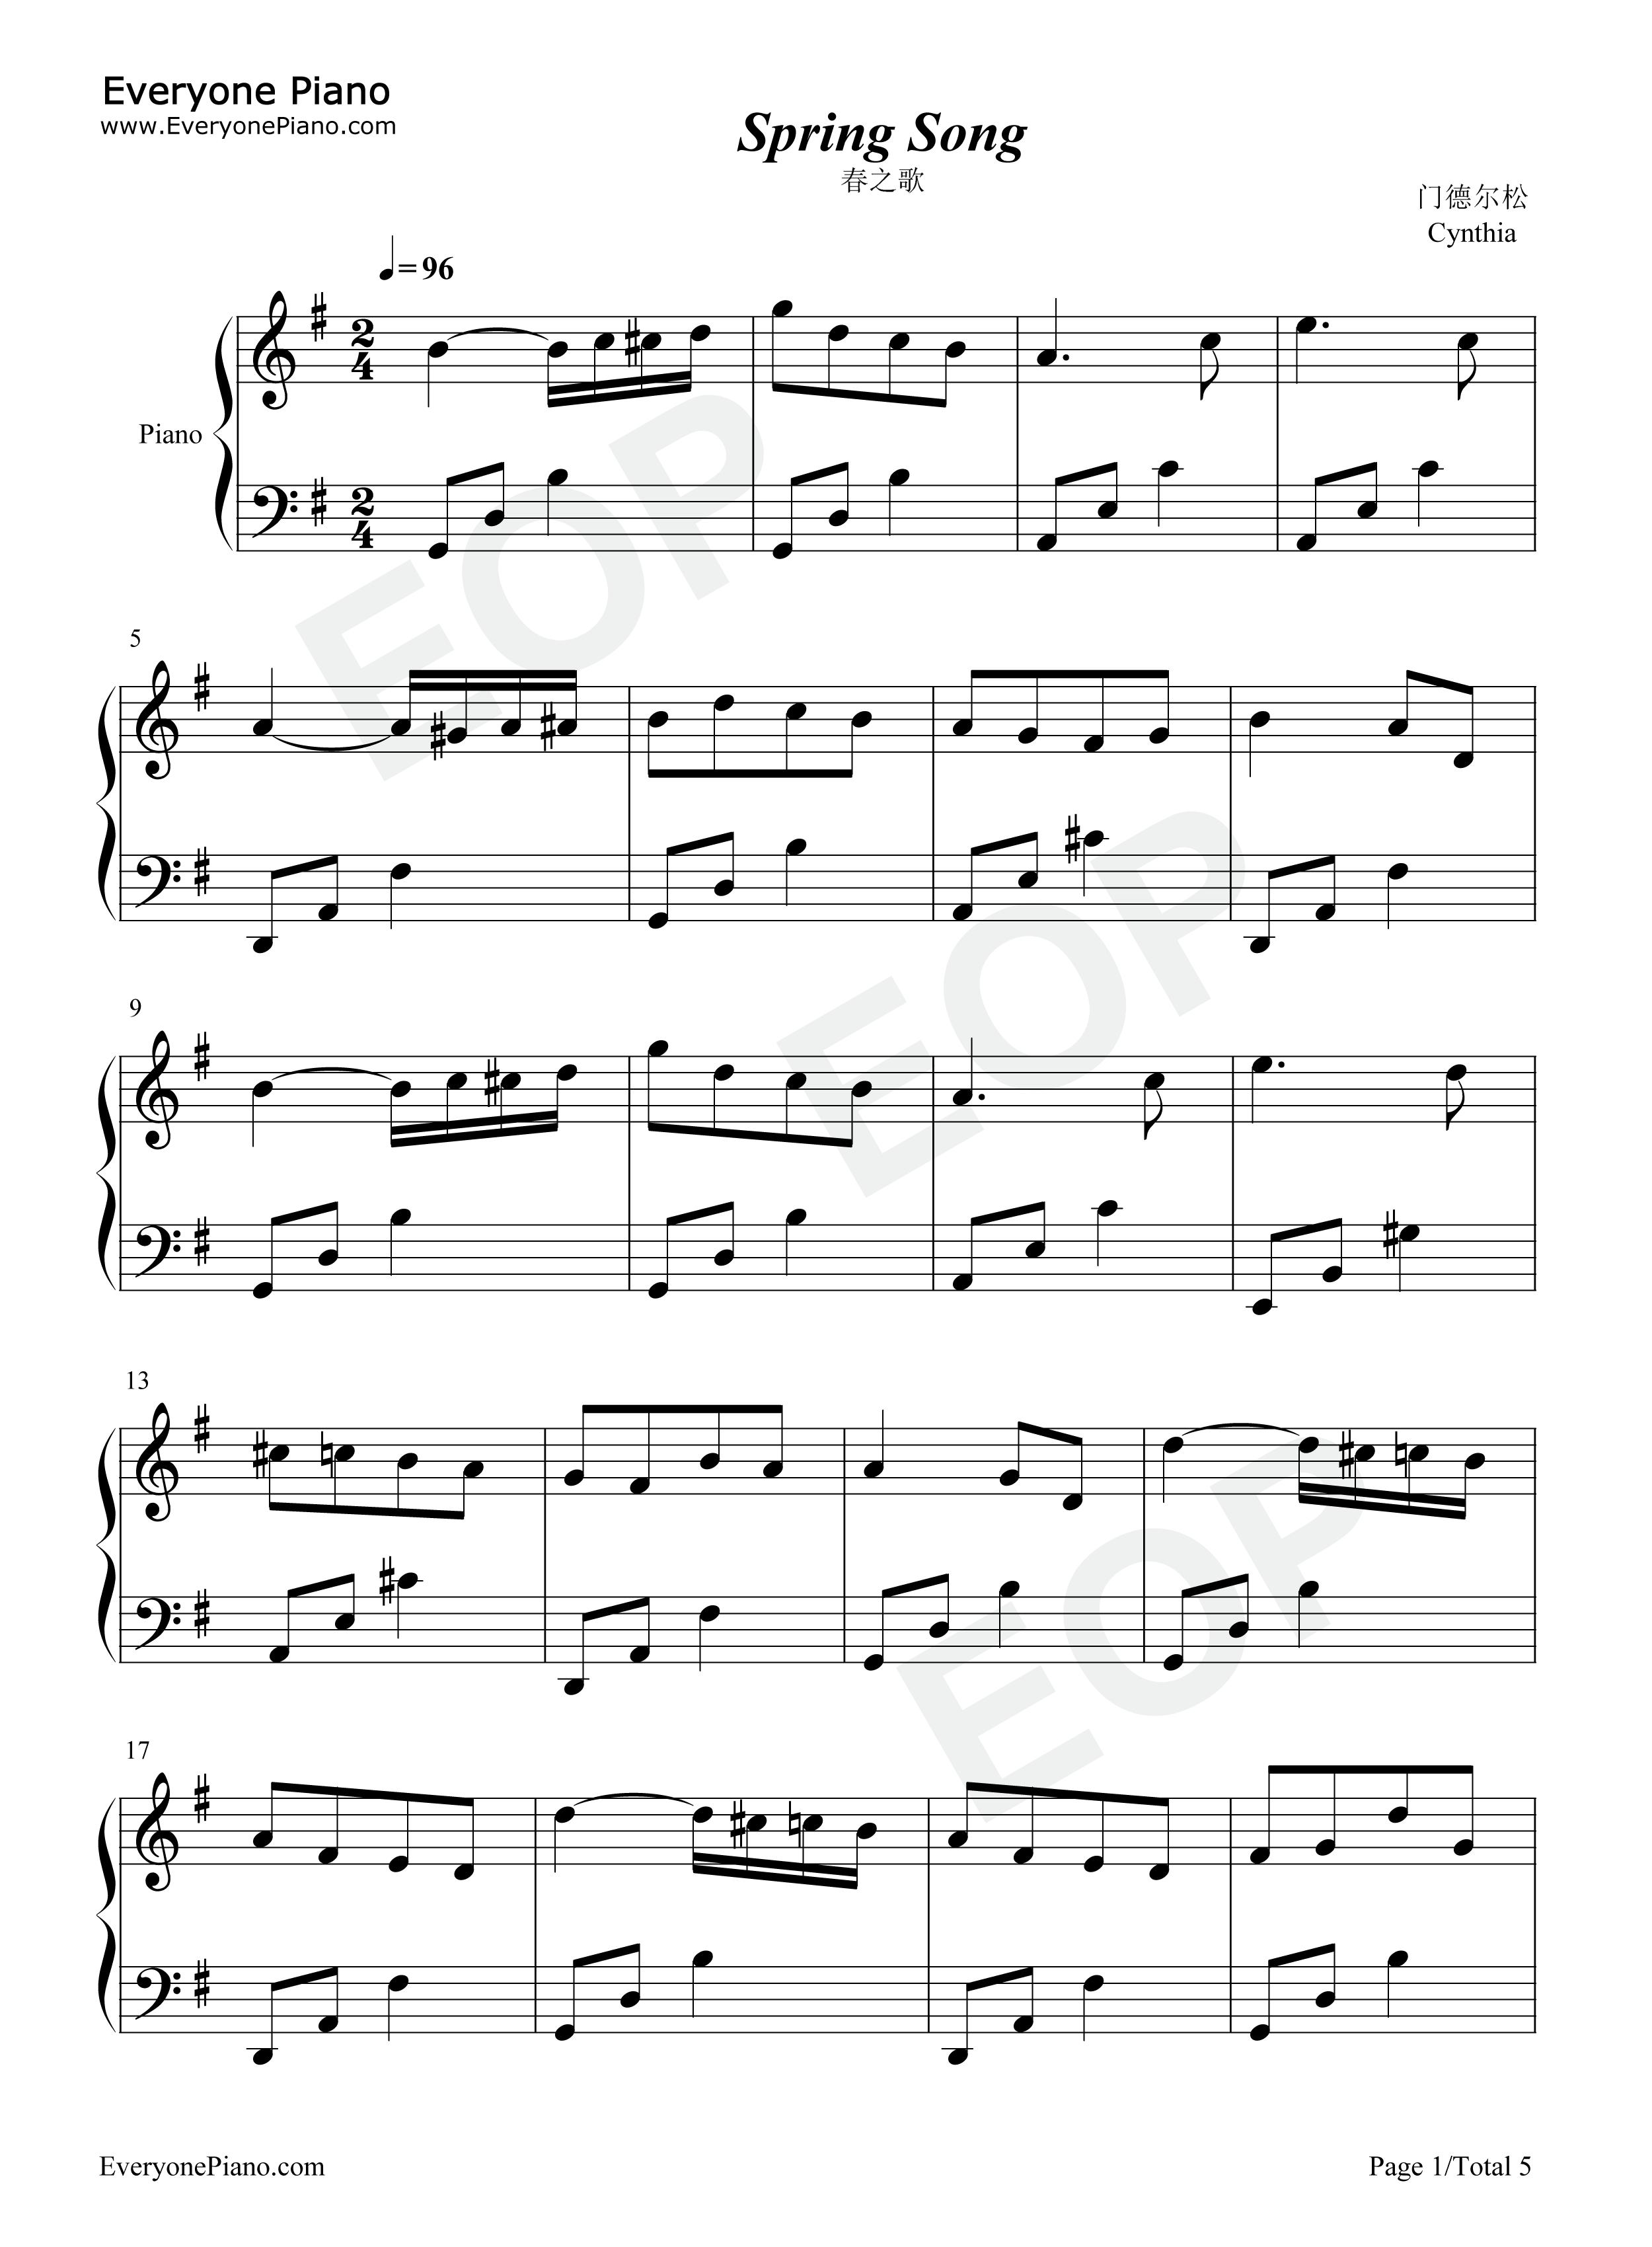 钢琴曲谱 练习曲 春之歌-门德尔松 春之歌-门德尔松五线谱预览1图片